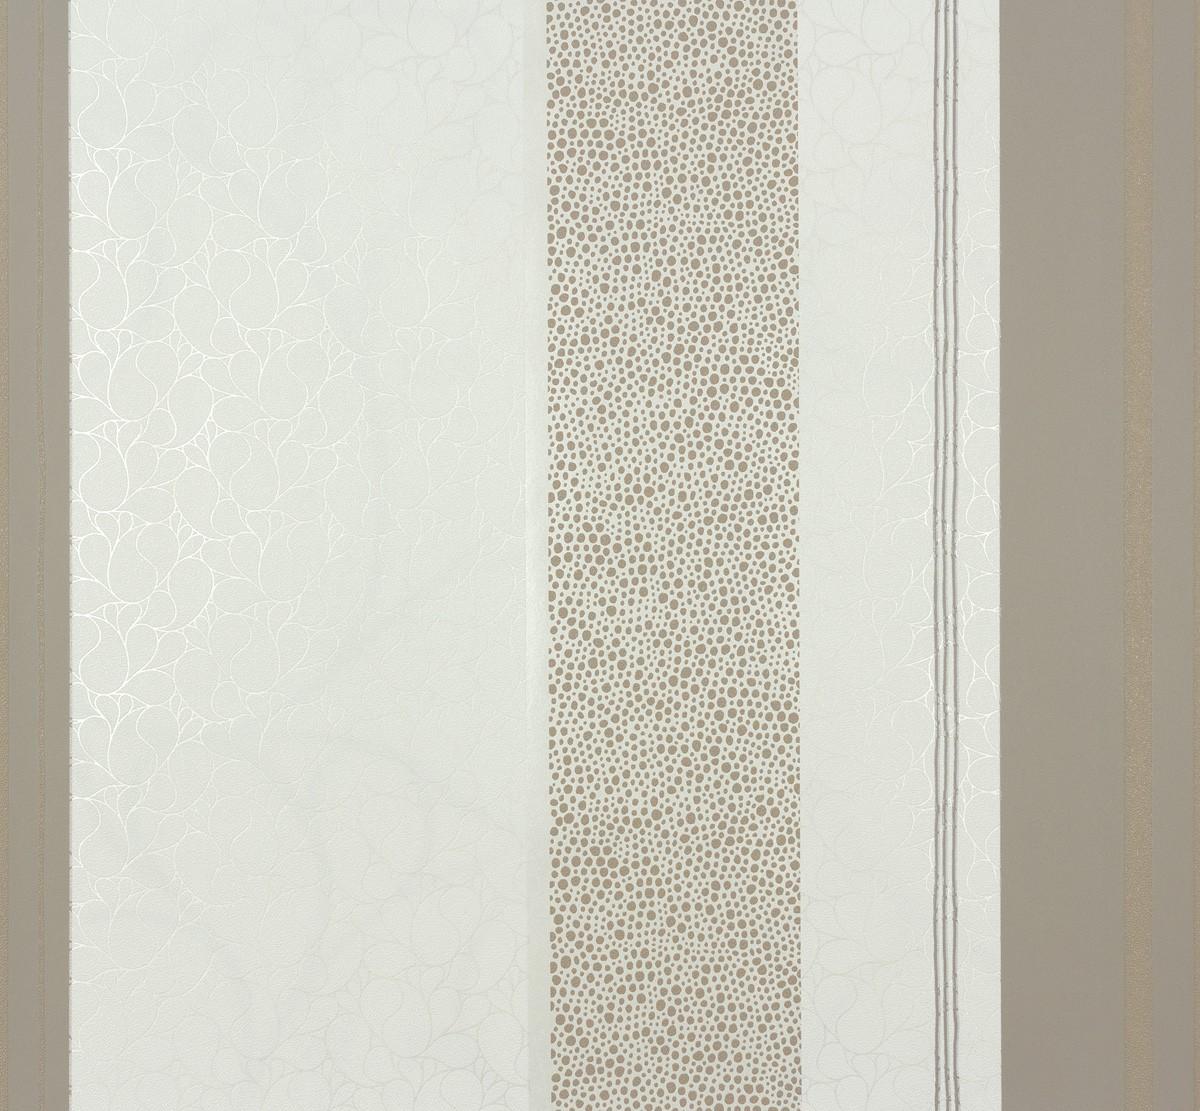 vliestapete marburg messina tapete 55429 streifen modern wei beige metallic. Black Bedroom Furniture Sets. Home Design Ideas